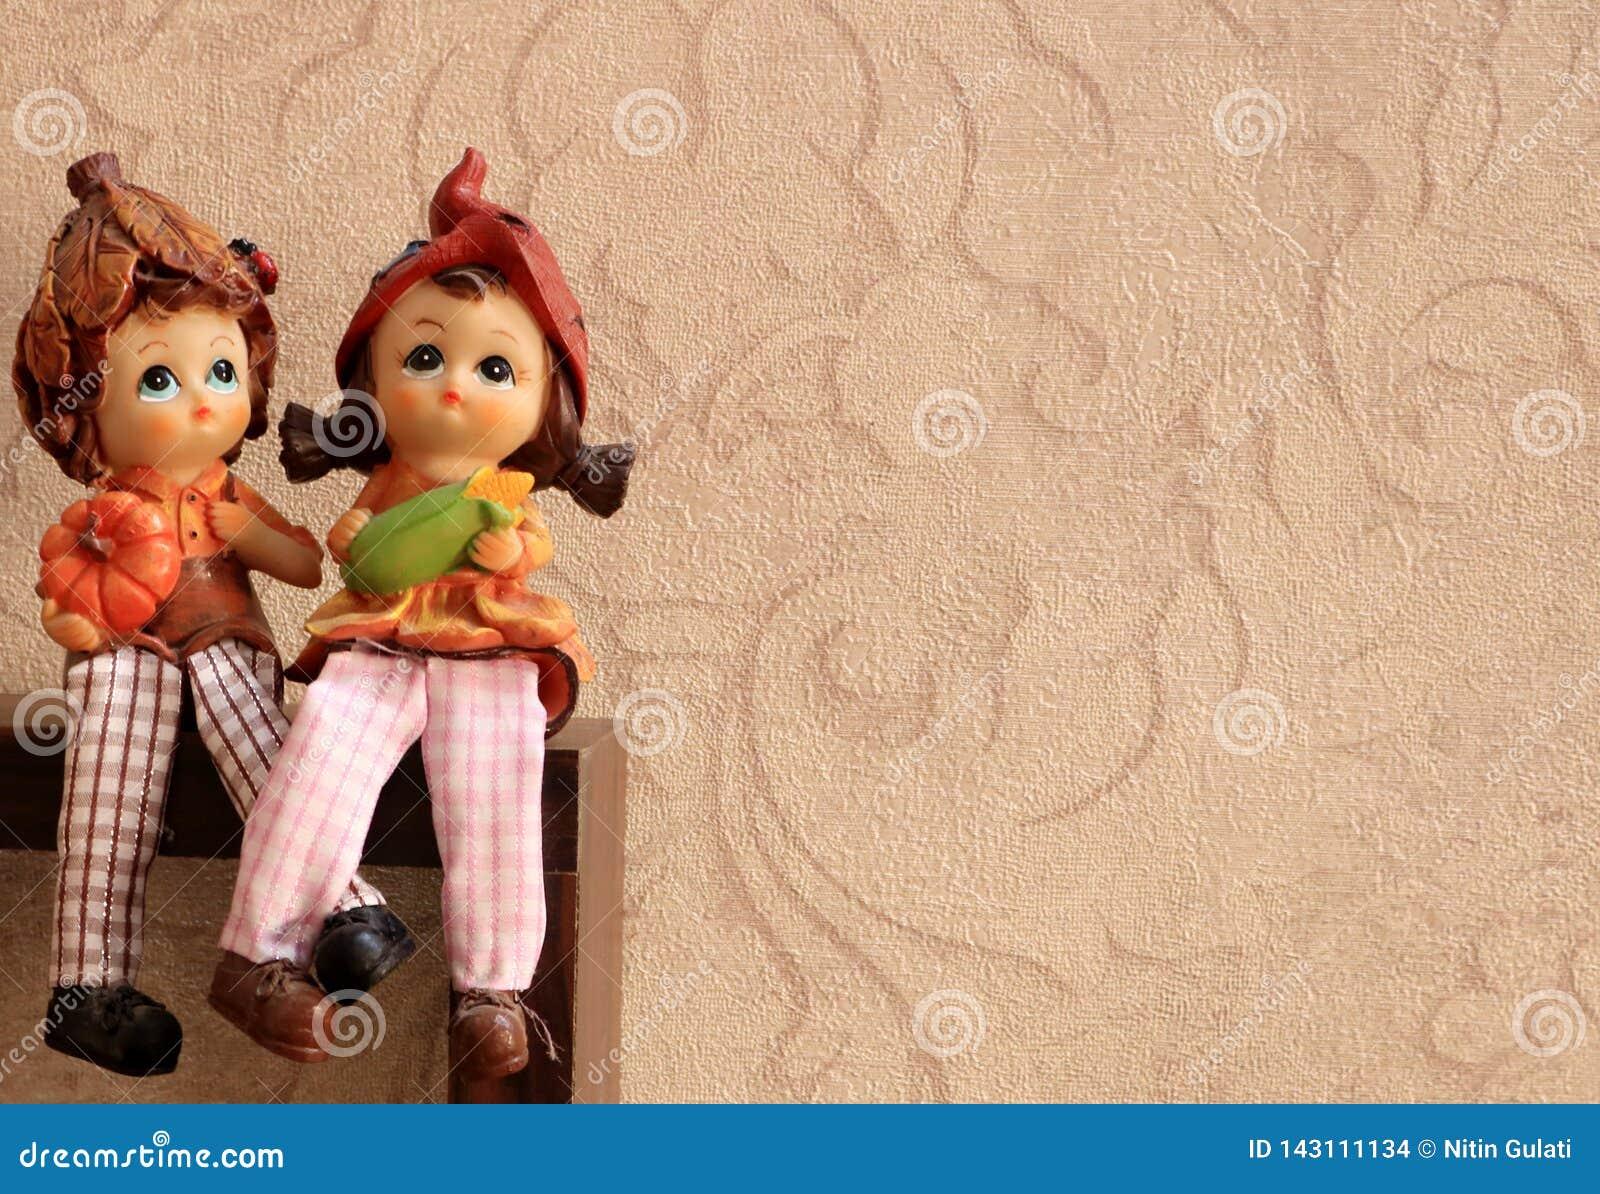 Kunstskulptur des Jungen und des Mädchens in der Liebe, die zusammen mit den Beinen gekreuzt sitzt